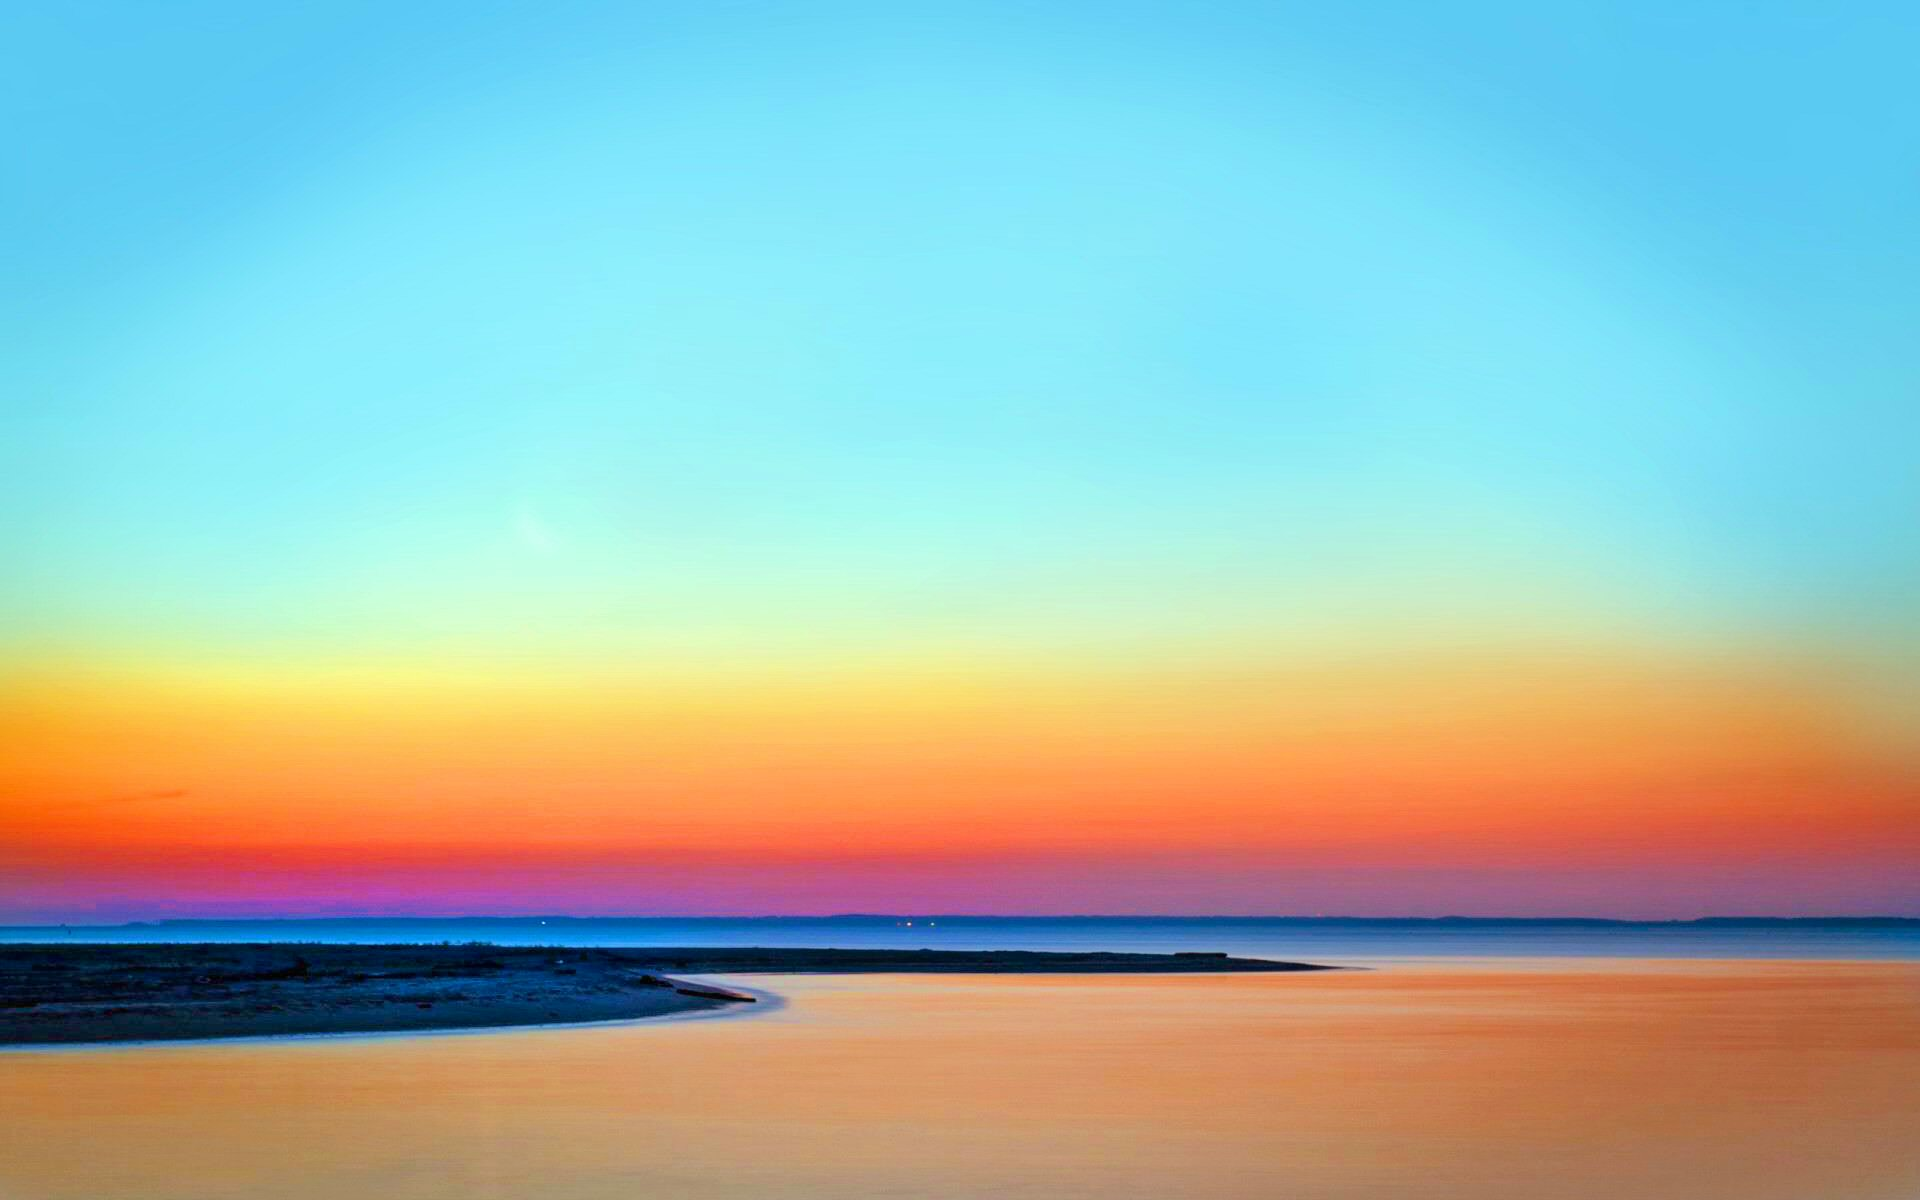 Scenic Beach Hd Photo Wallpaper: Scenic HD Wallpaper